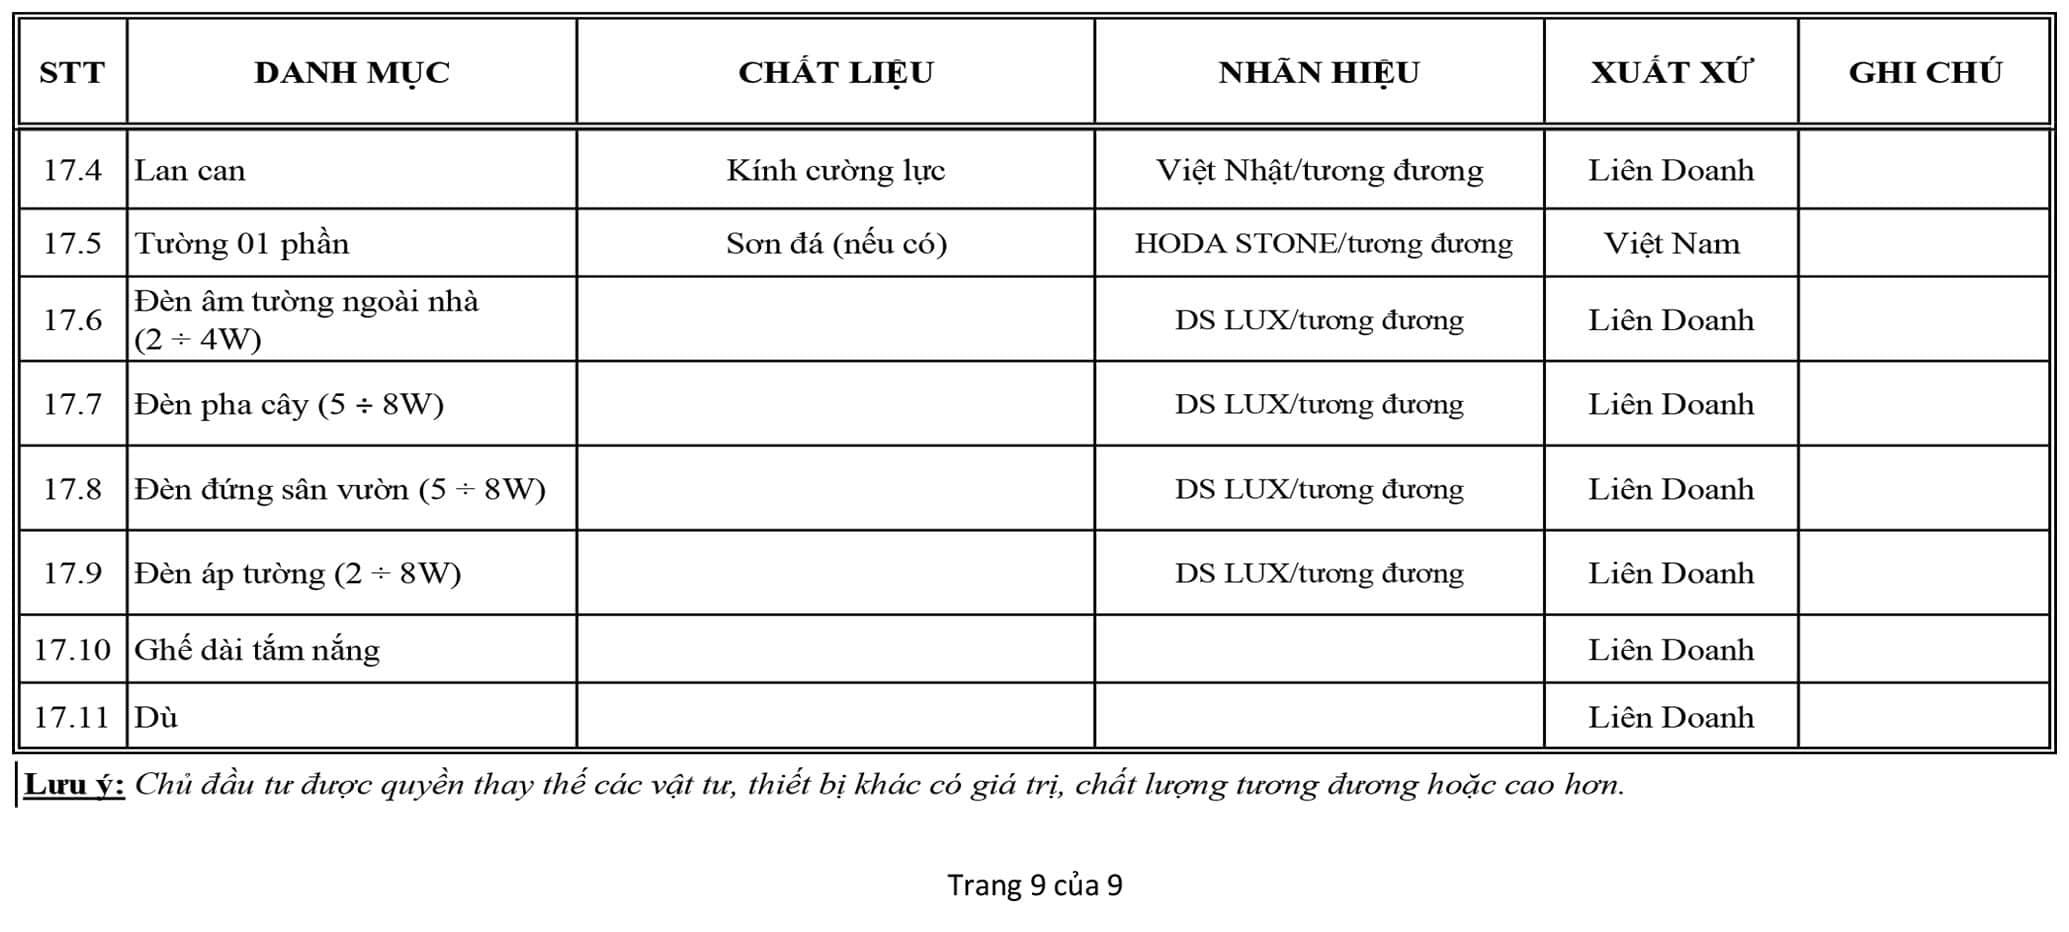 Danh muc vat lieu Cam Ranh Mystery 9